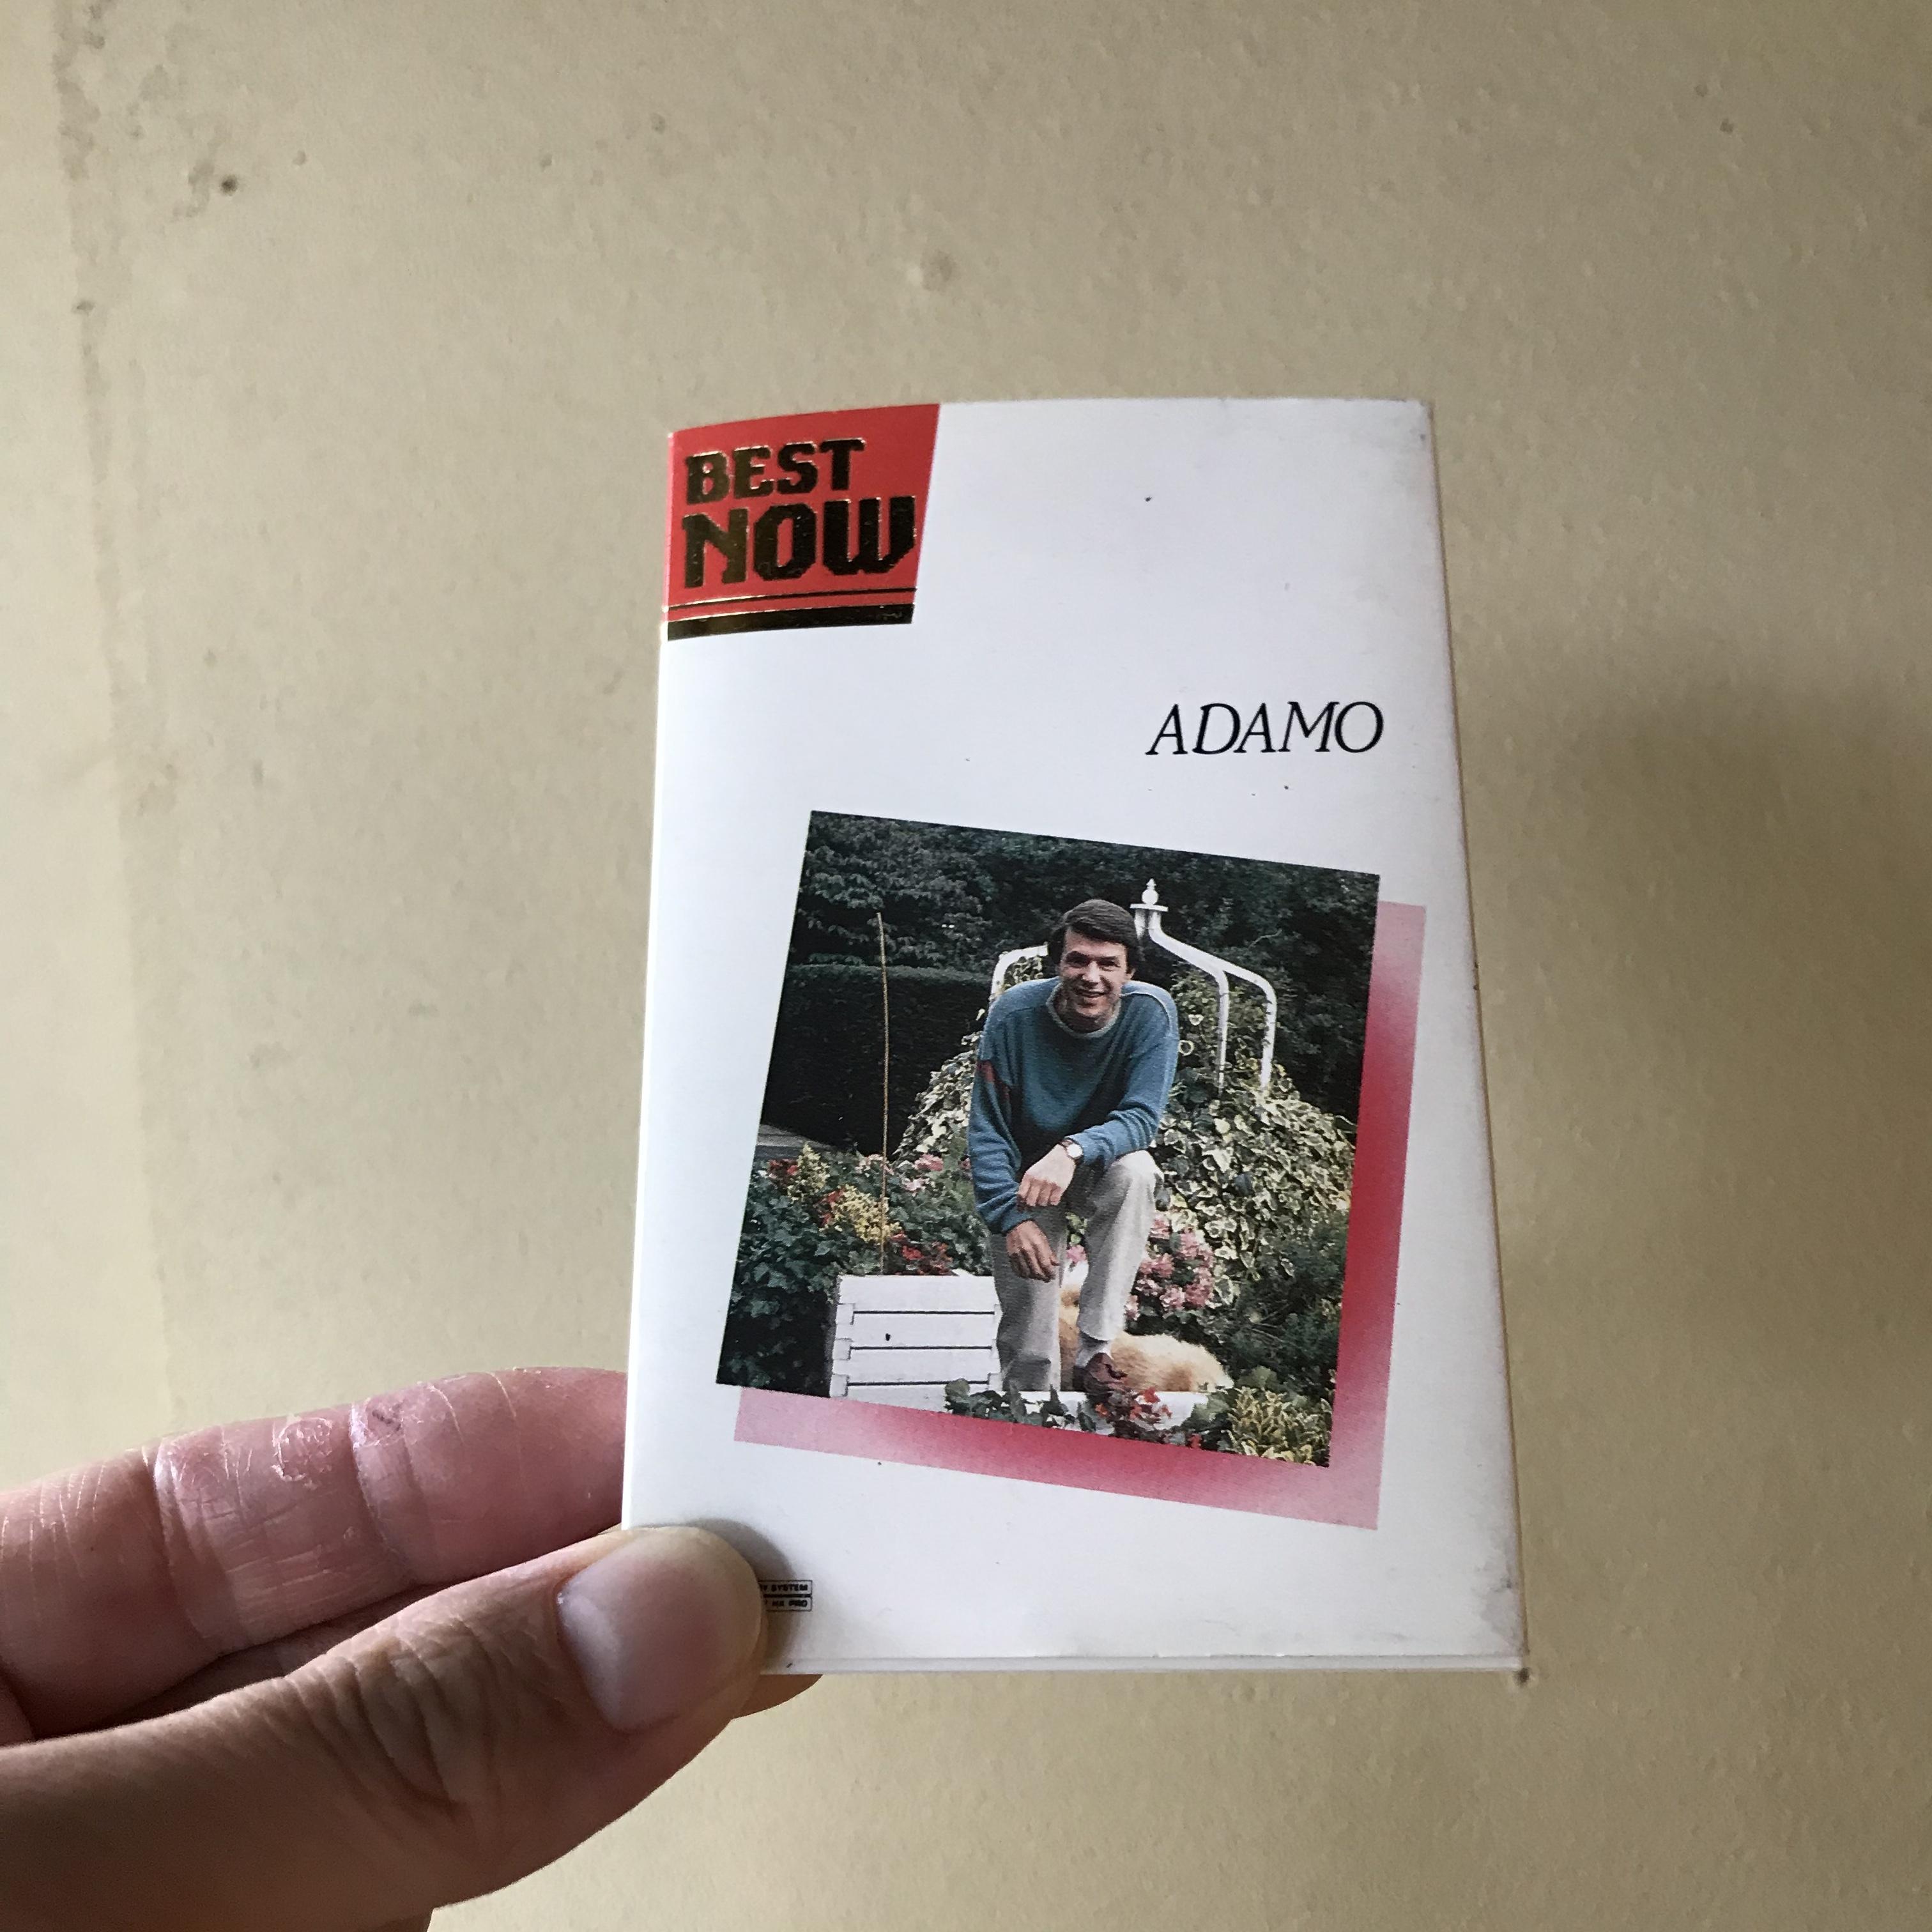 【中古】ADAMO/BEST(カセット)